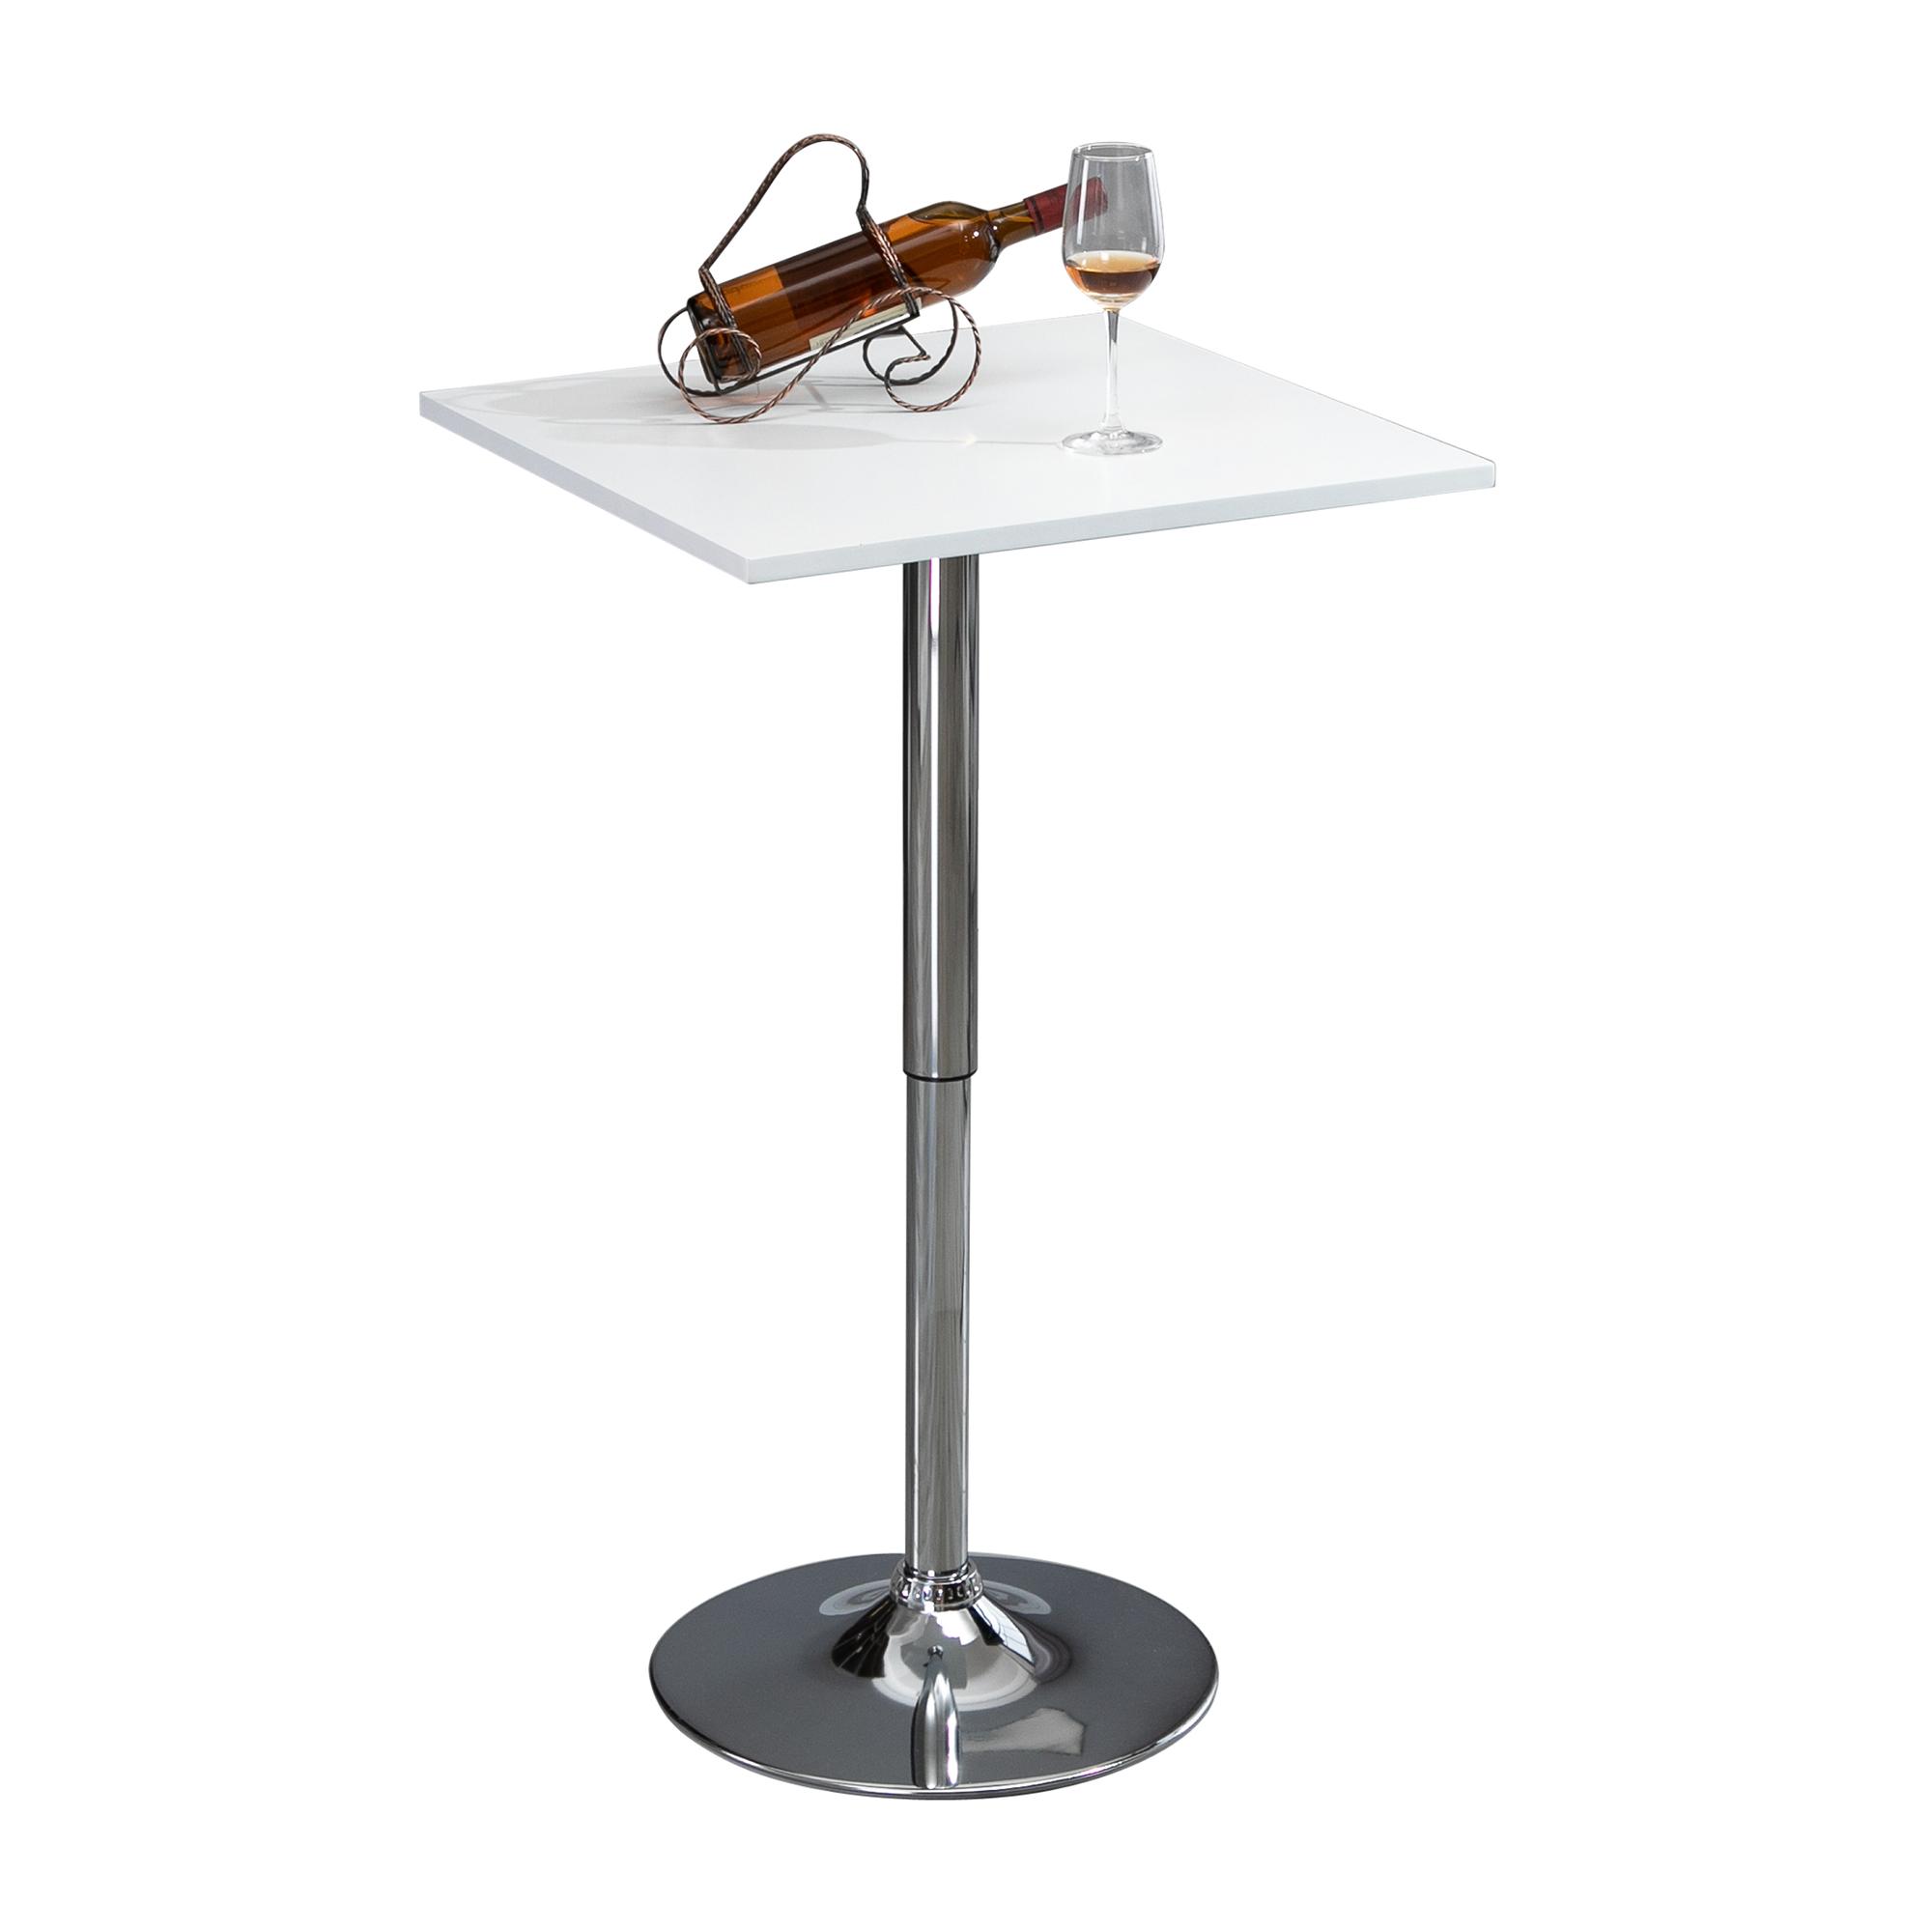 Table de bar table bistro chic hauteur réglable style contemporain